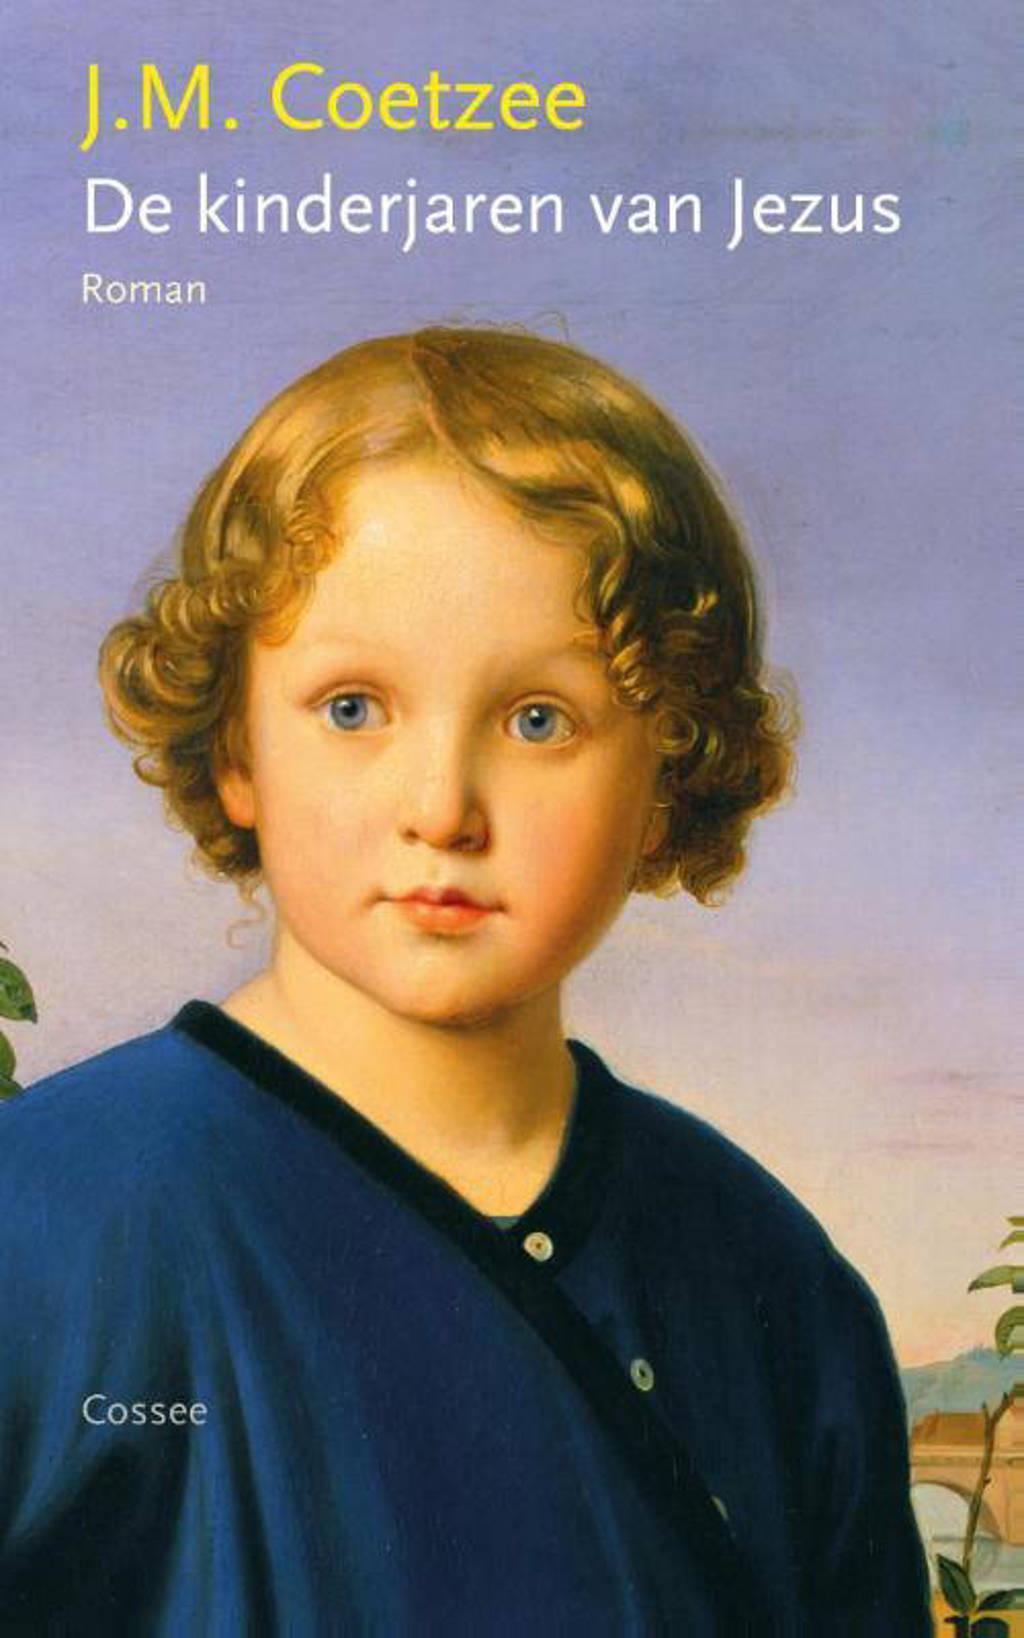 De kinderjaren van Jezus - J.M. Coetzee